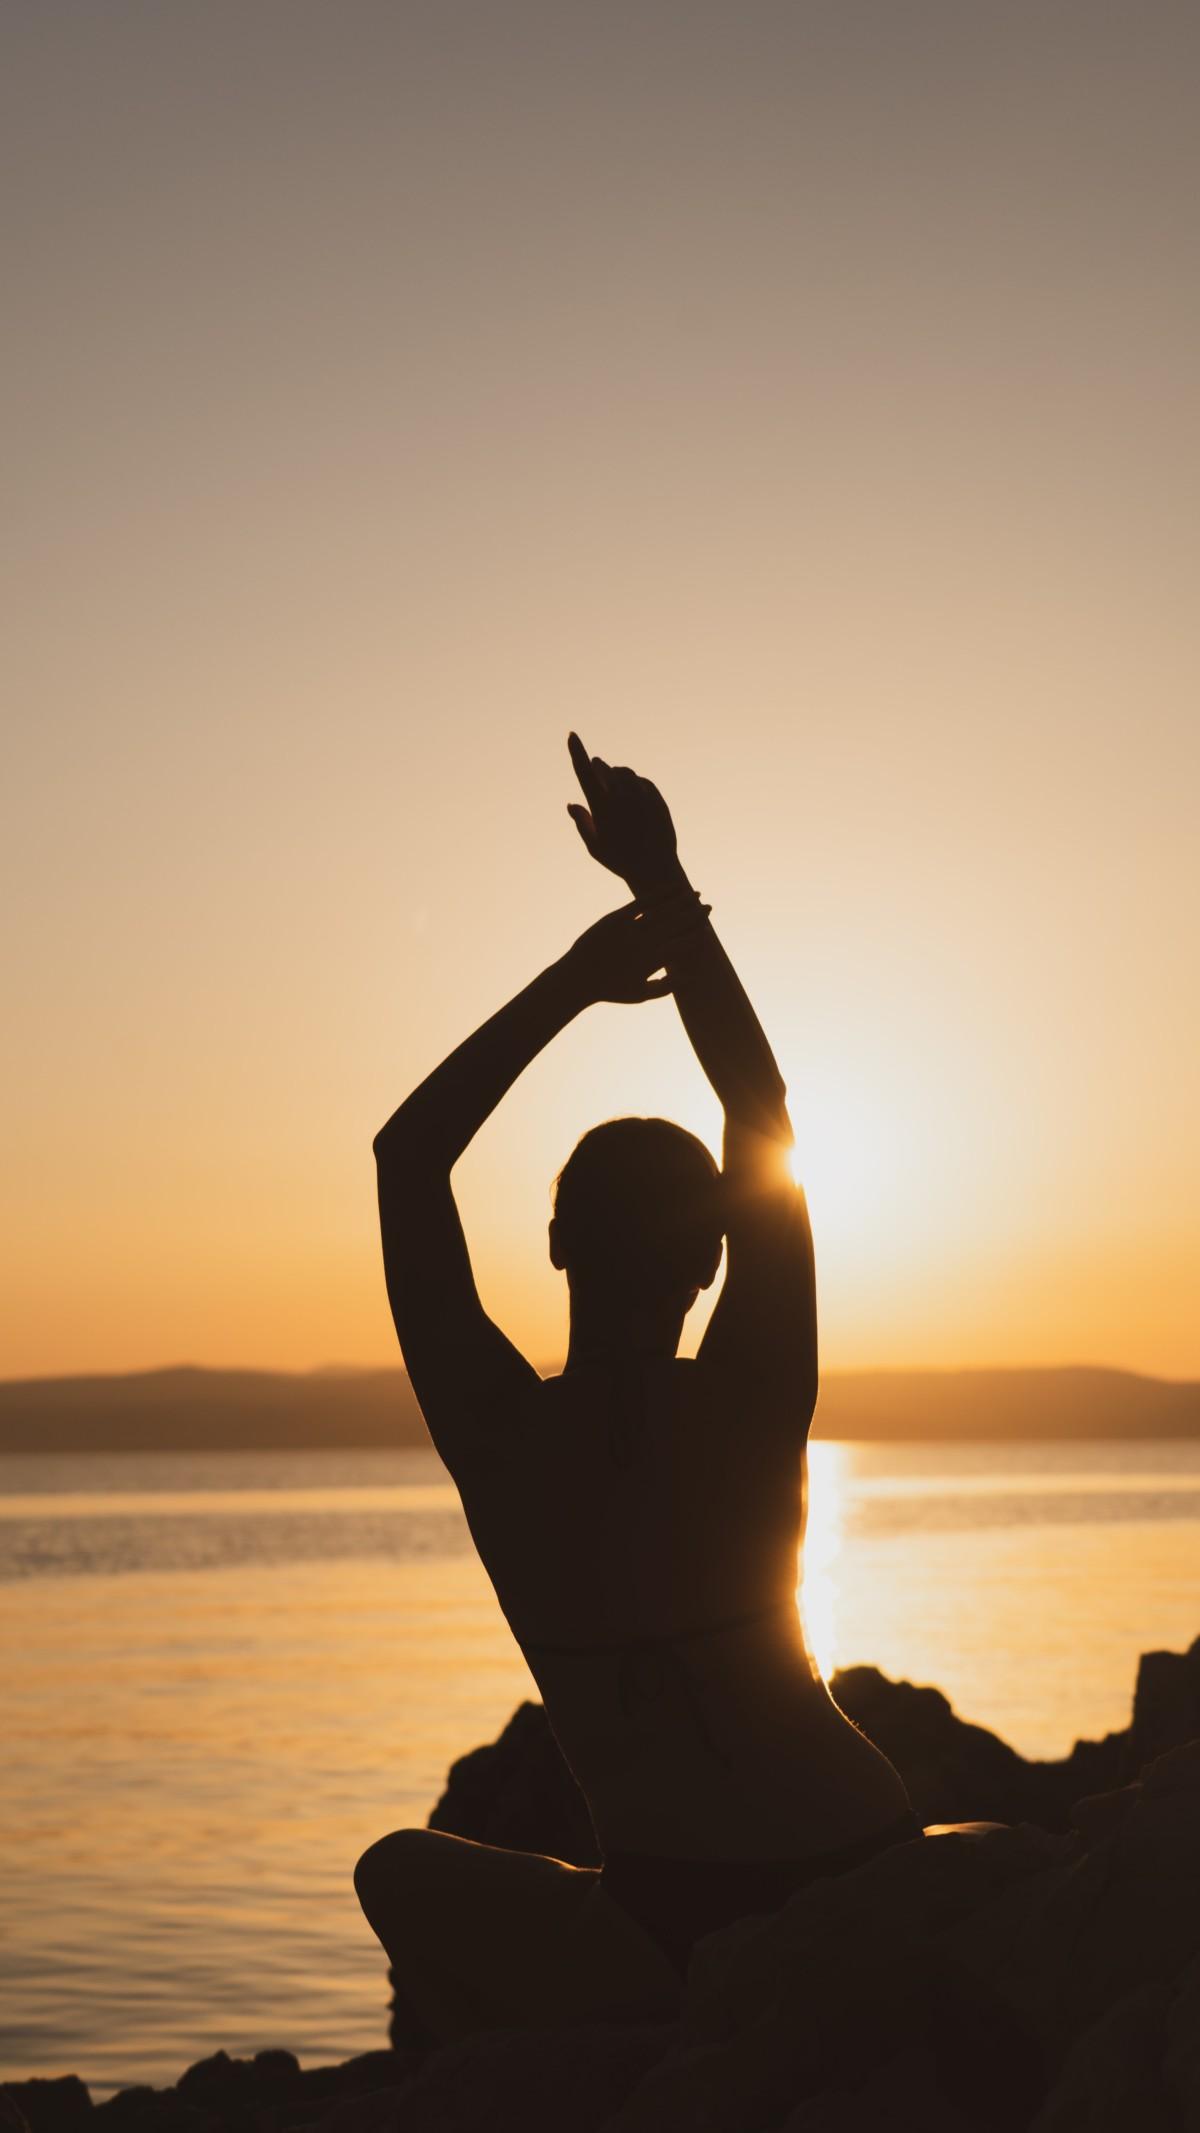 朝焼けの海を見つめる人